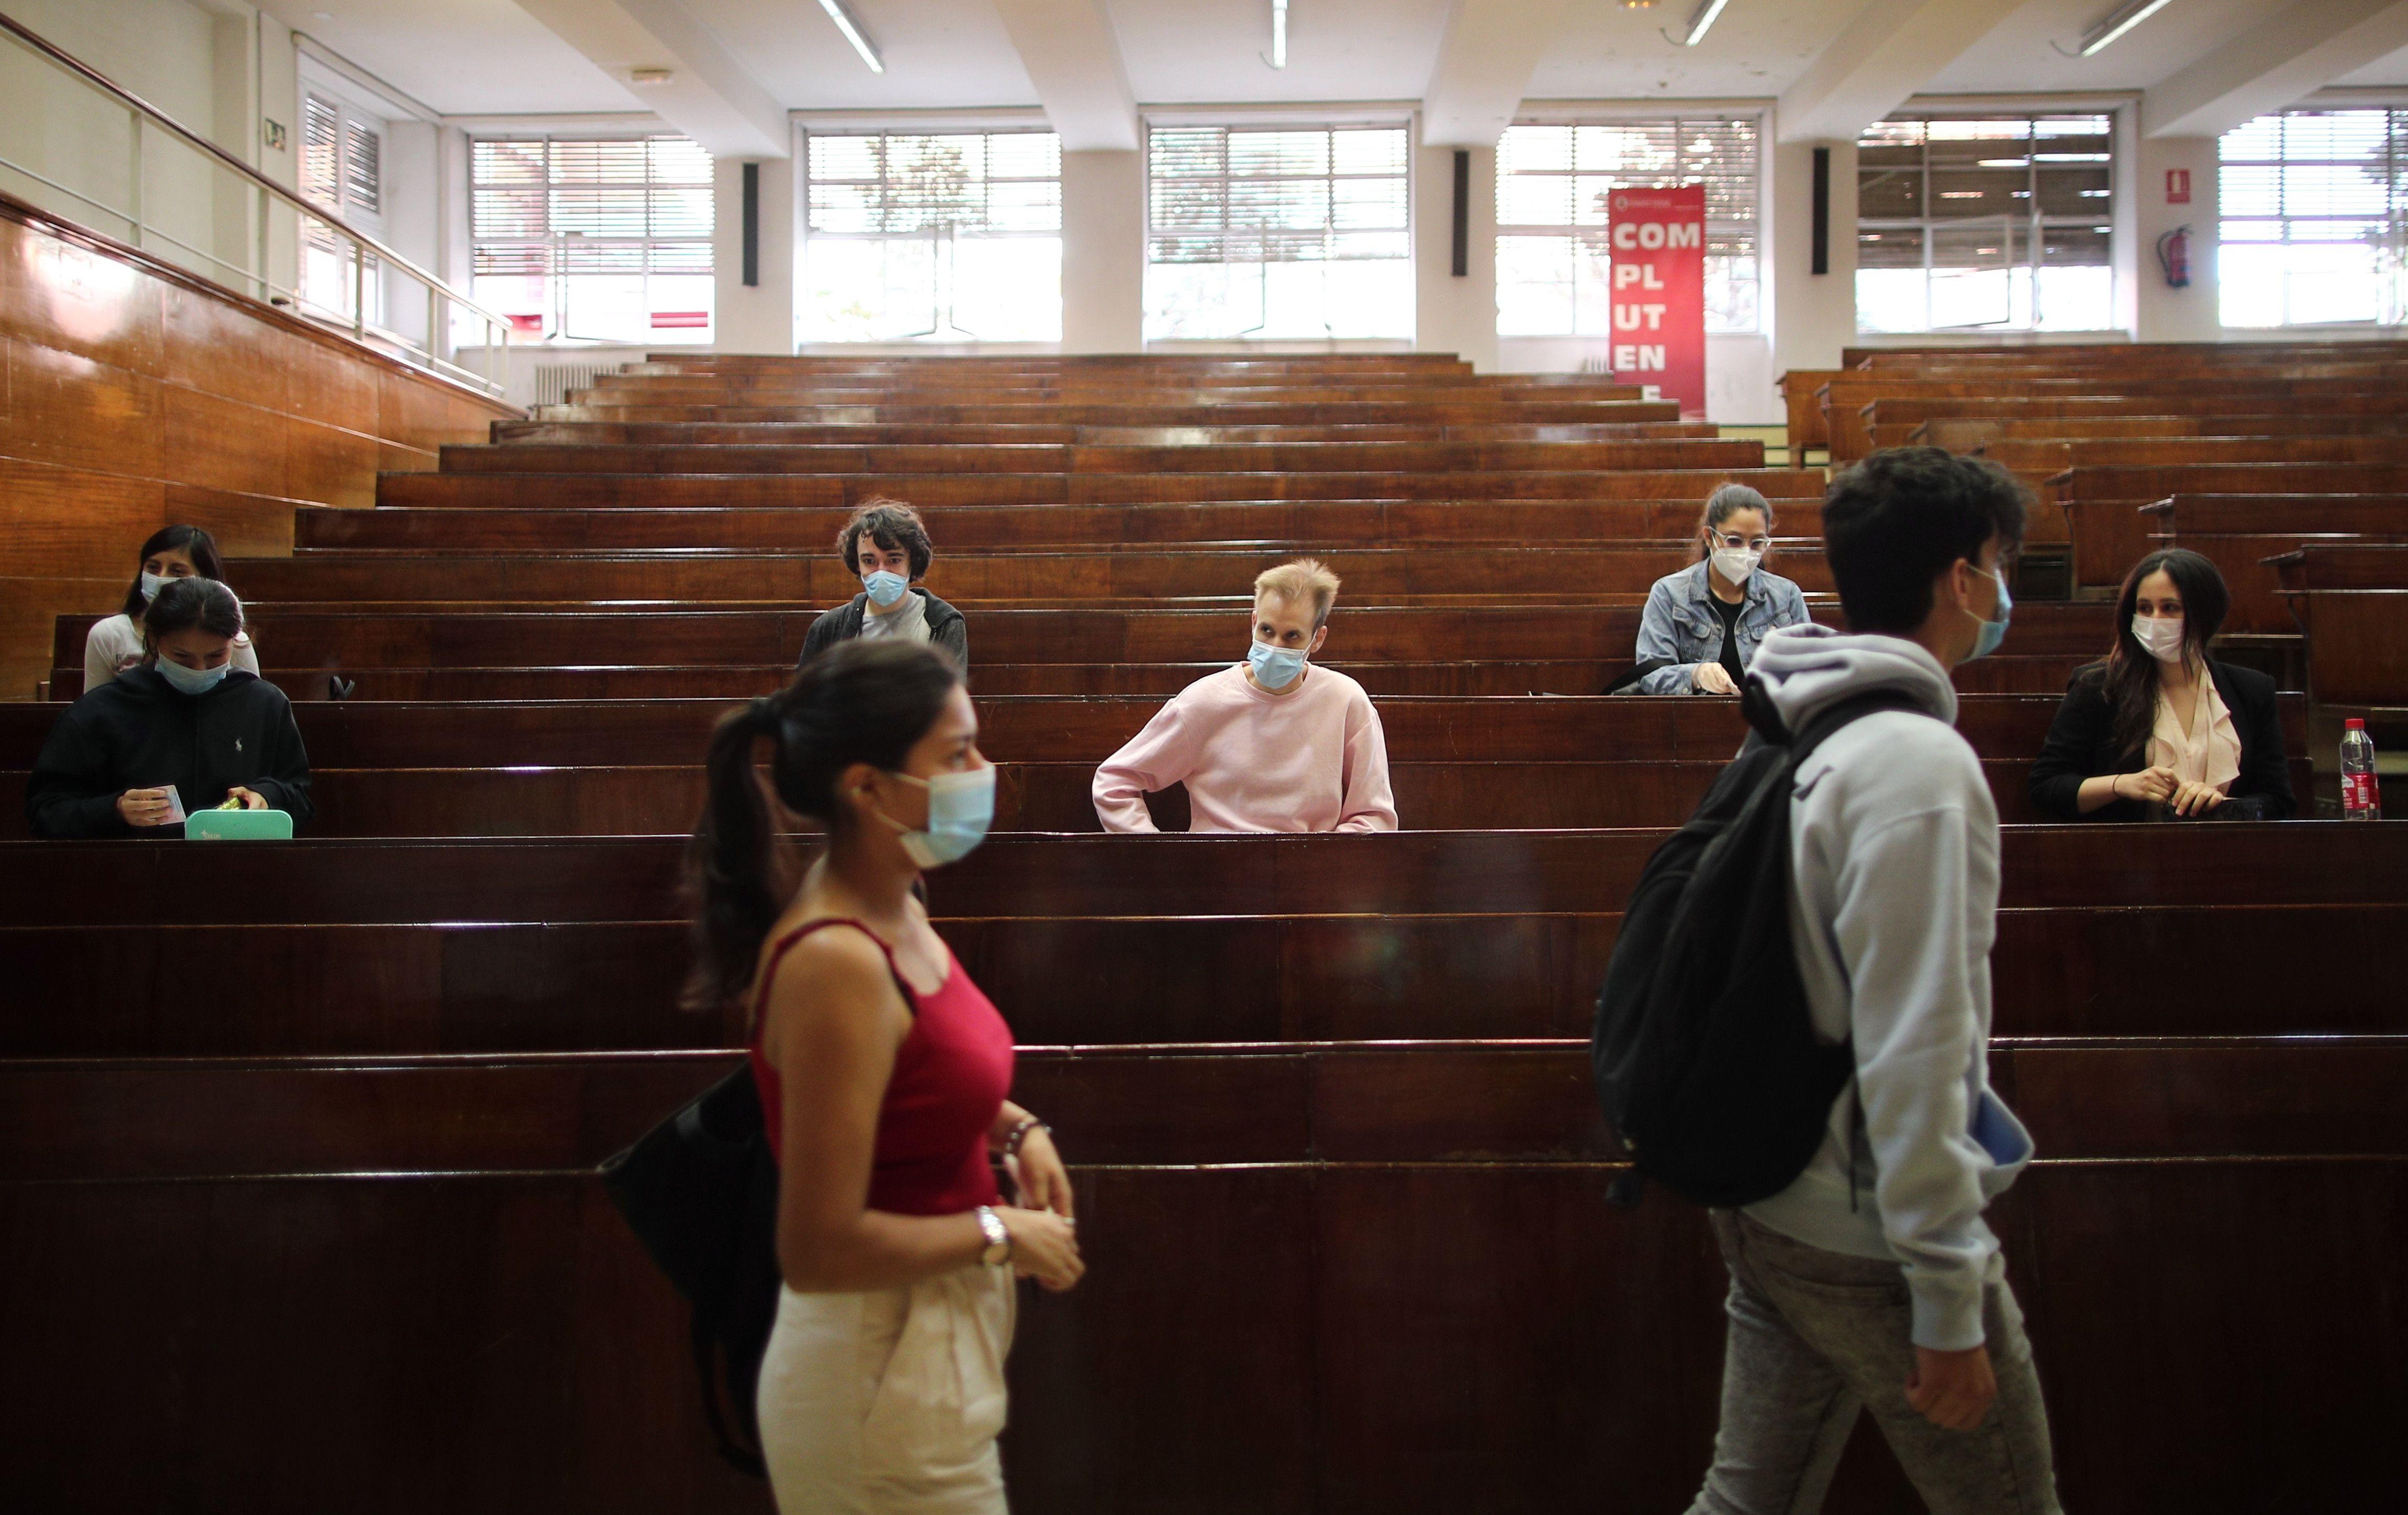 Archivo - Varios alumnos en la Facultad de Derecho de la Universidad Complutense de Madrid (UCM) para realizar los exámenes de la EBAU el pasado año